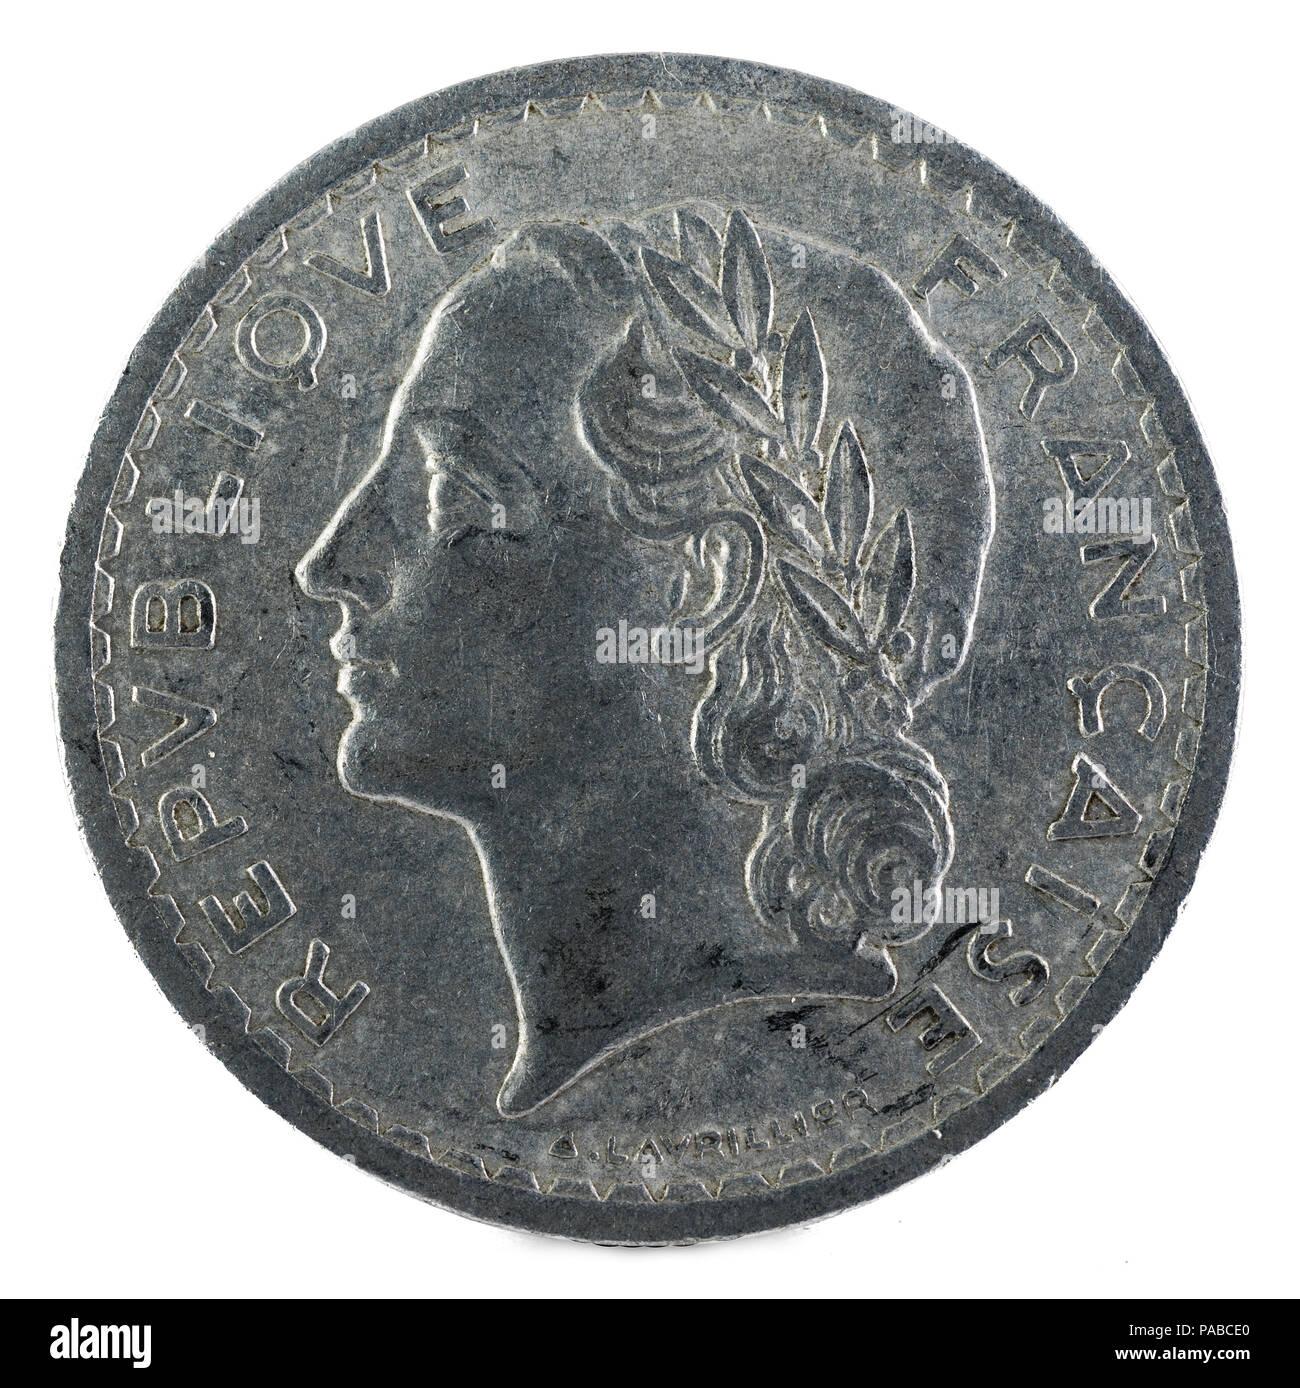 Alte Französische Münze 5 Franken 1949 Vorderseite Stockfoto